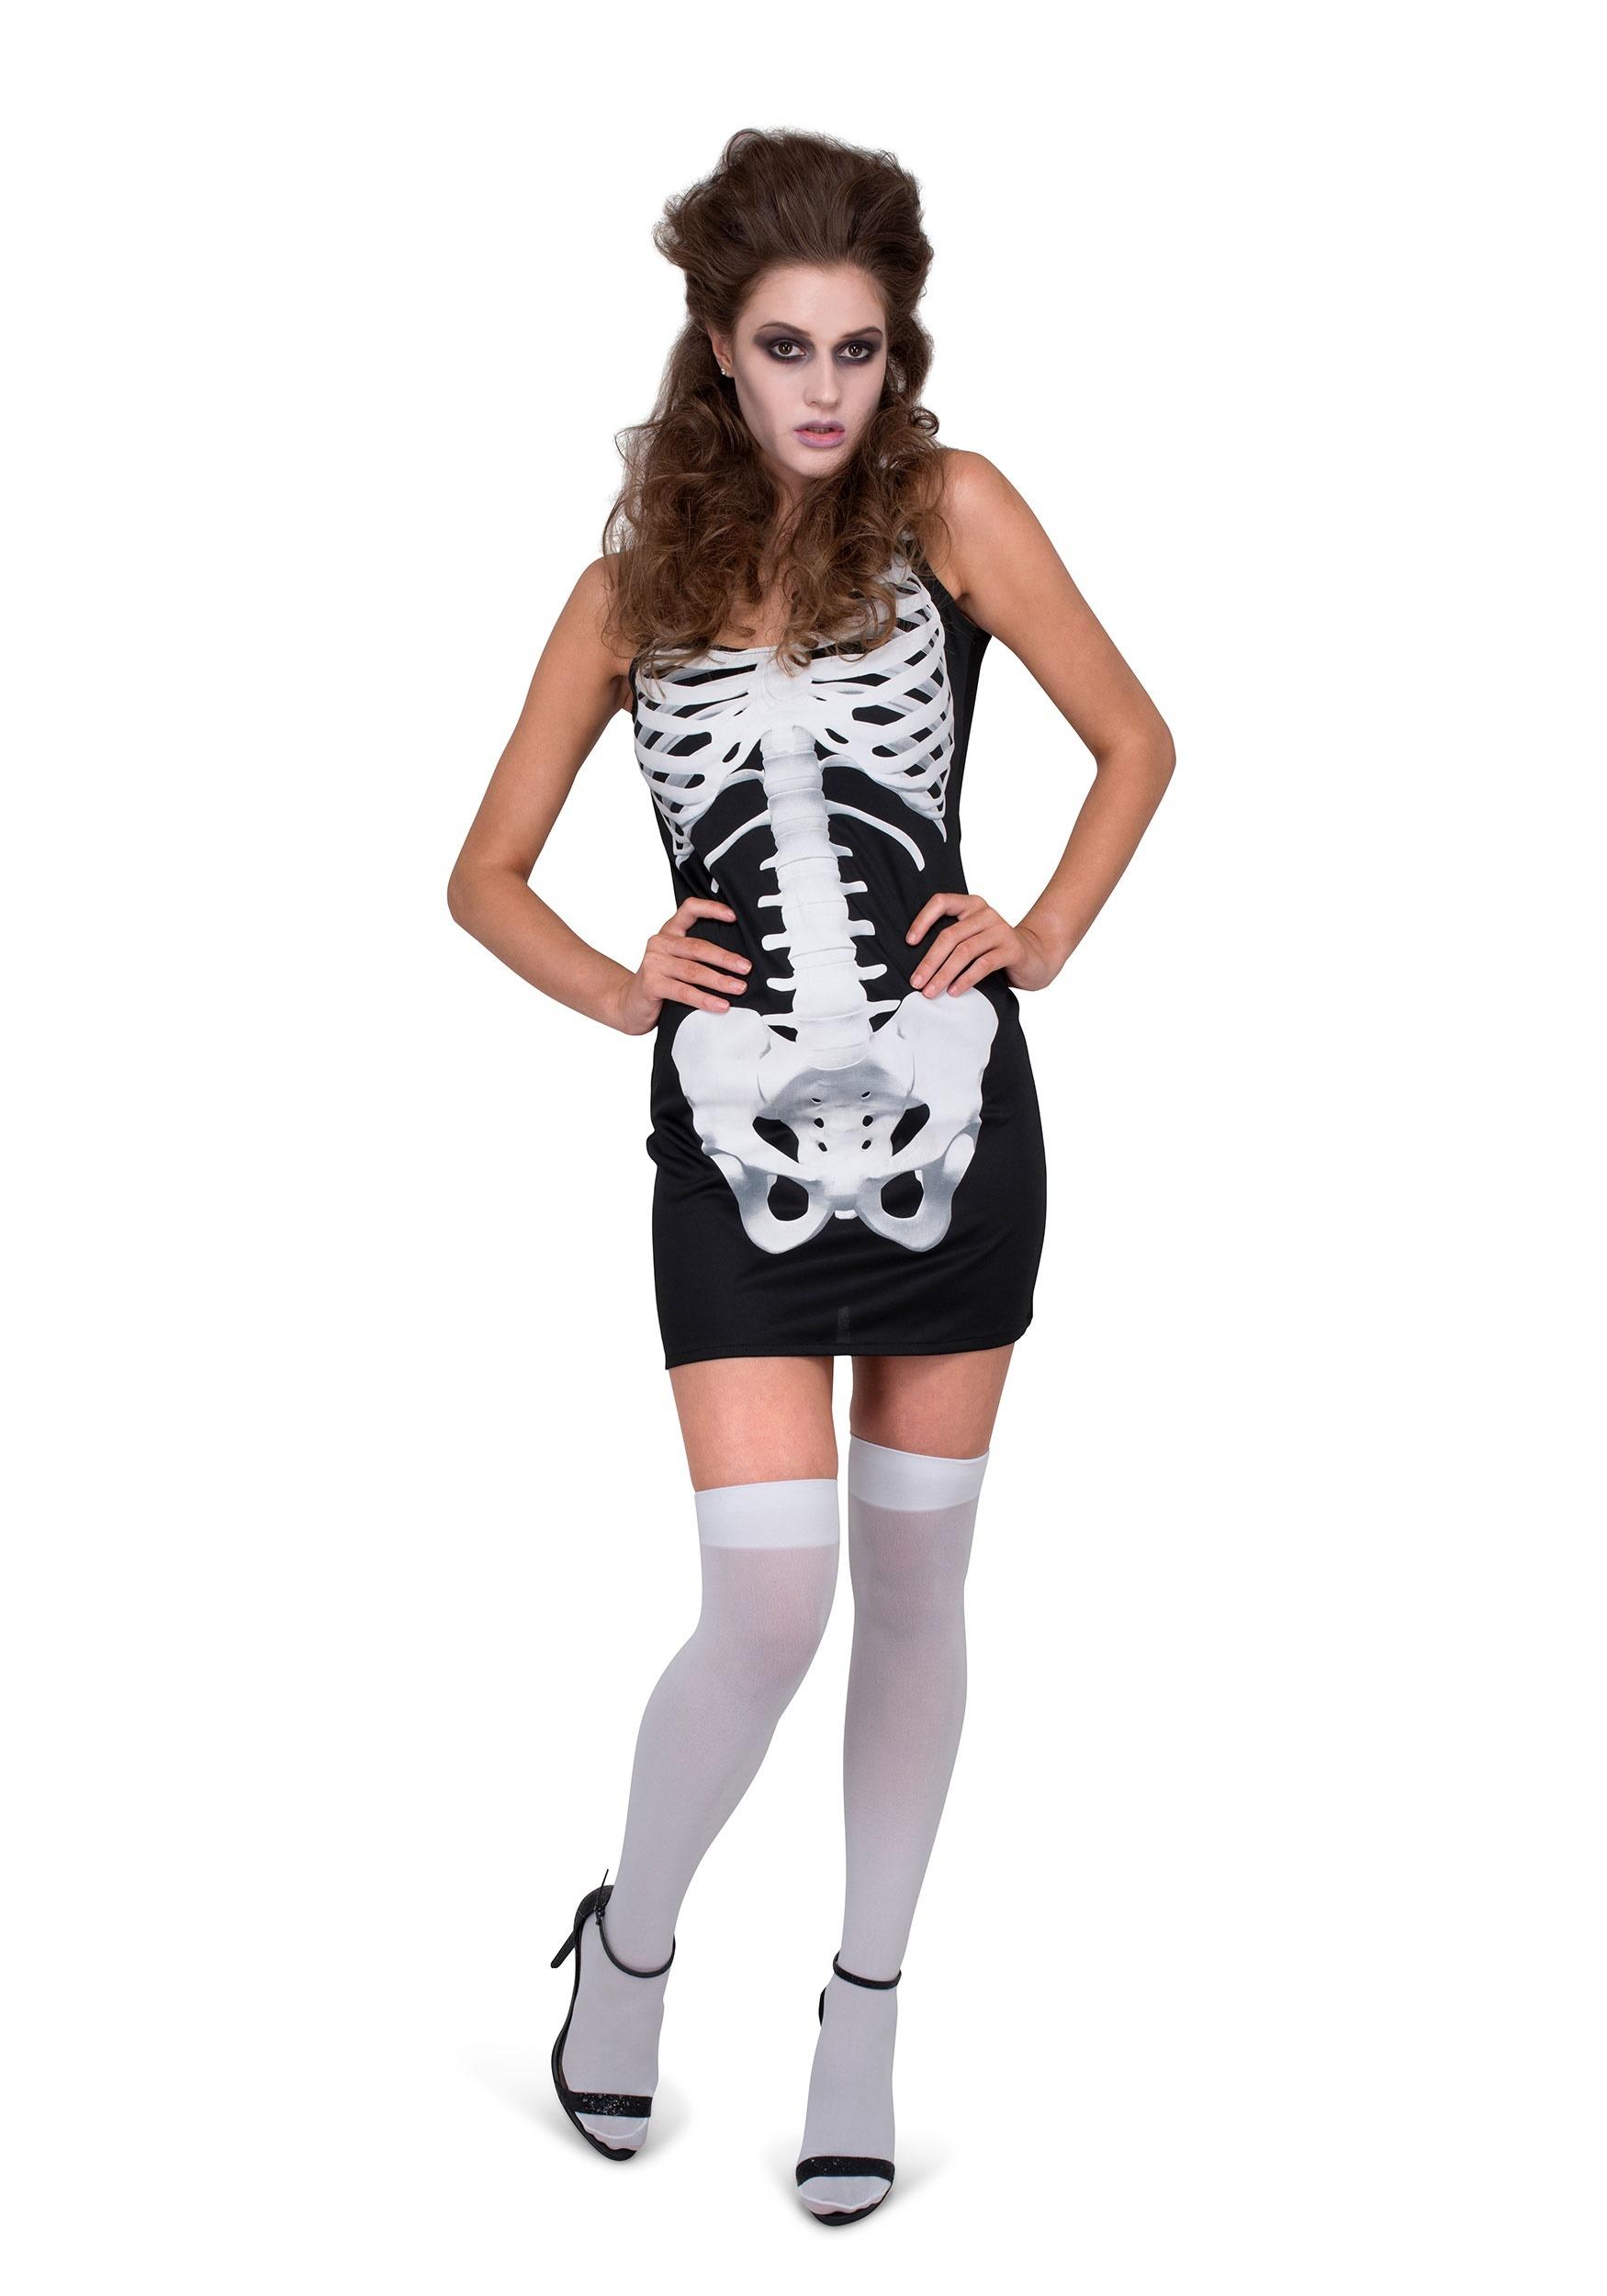 Womens Skeleton Dress Costume